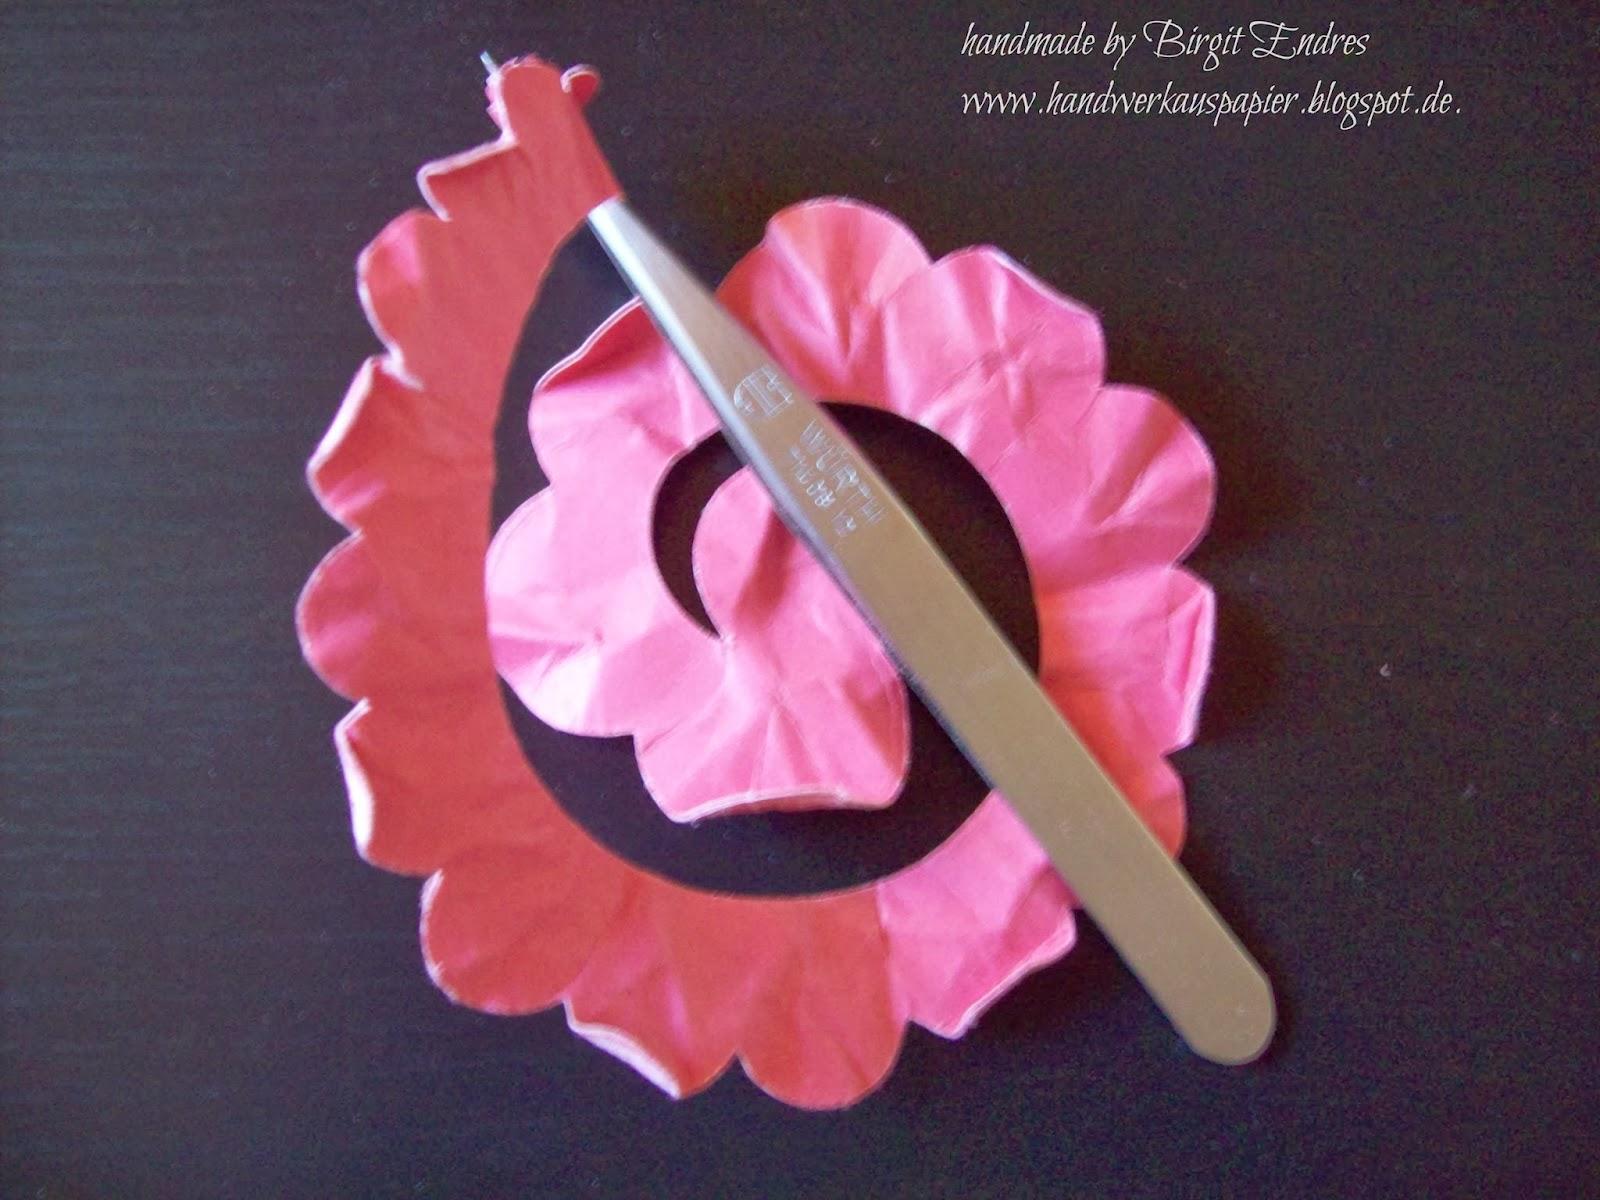 Handwerk Aus Papier Rosen Tulpen Nelken Alle Blumen Welken